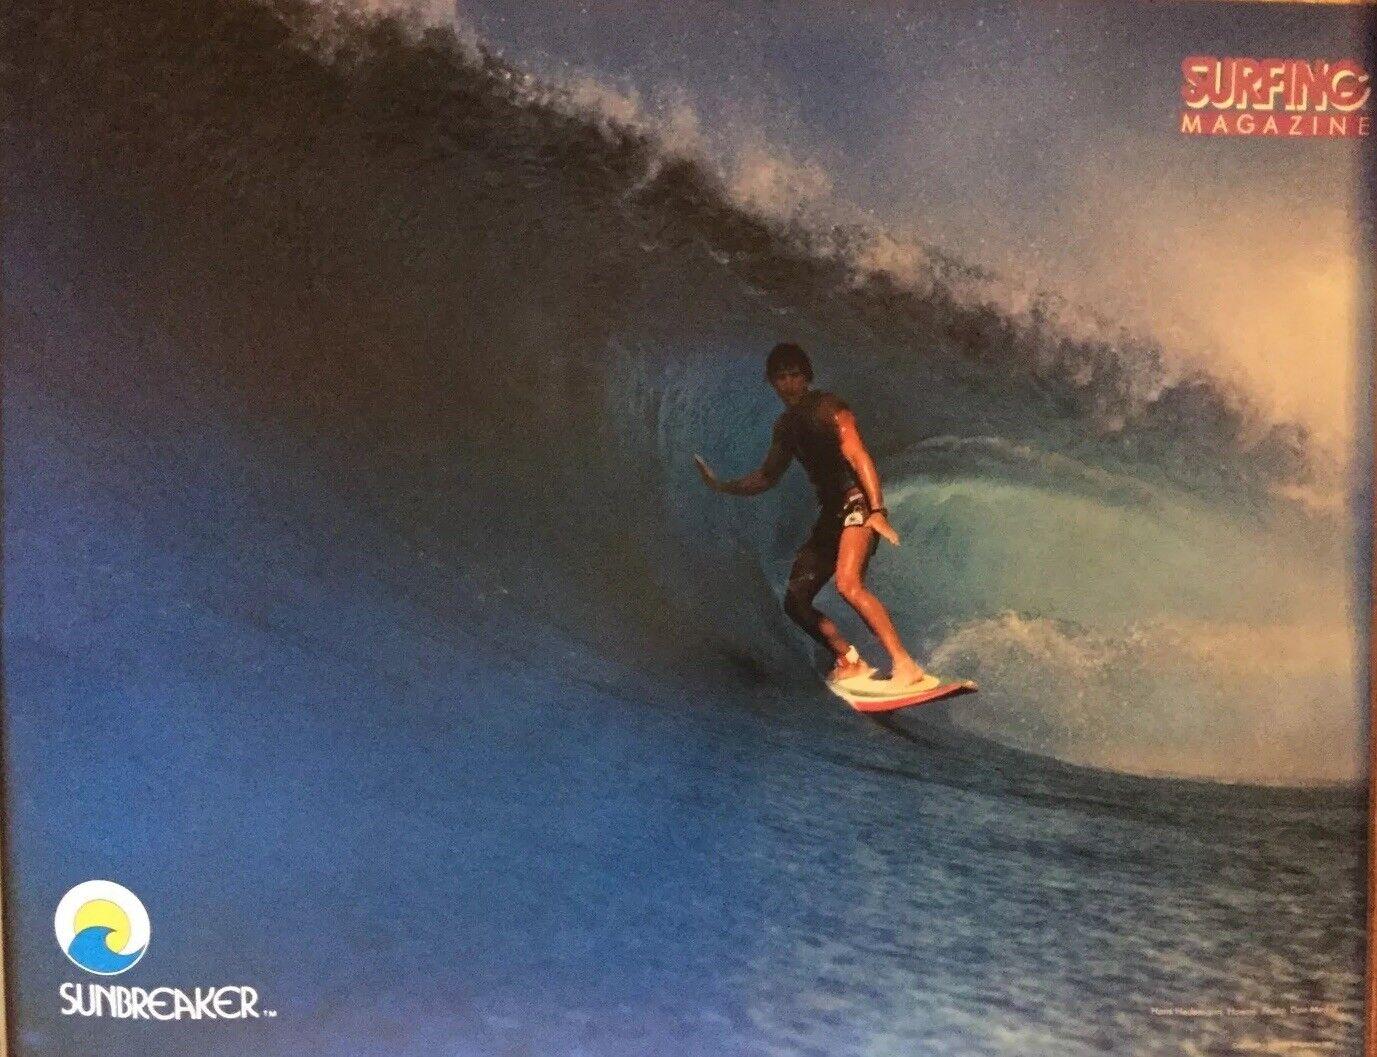 VTG 1982 Surfing MAGAZINE poster Hans Hedemann(surf,Eddie Aikau,endless Summer